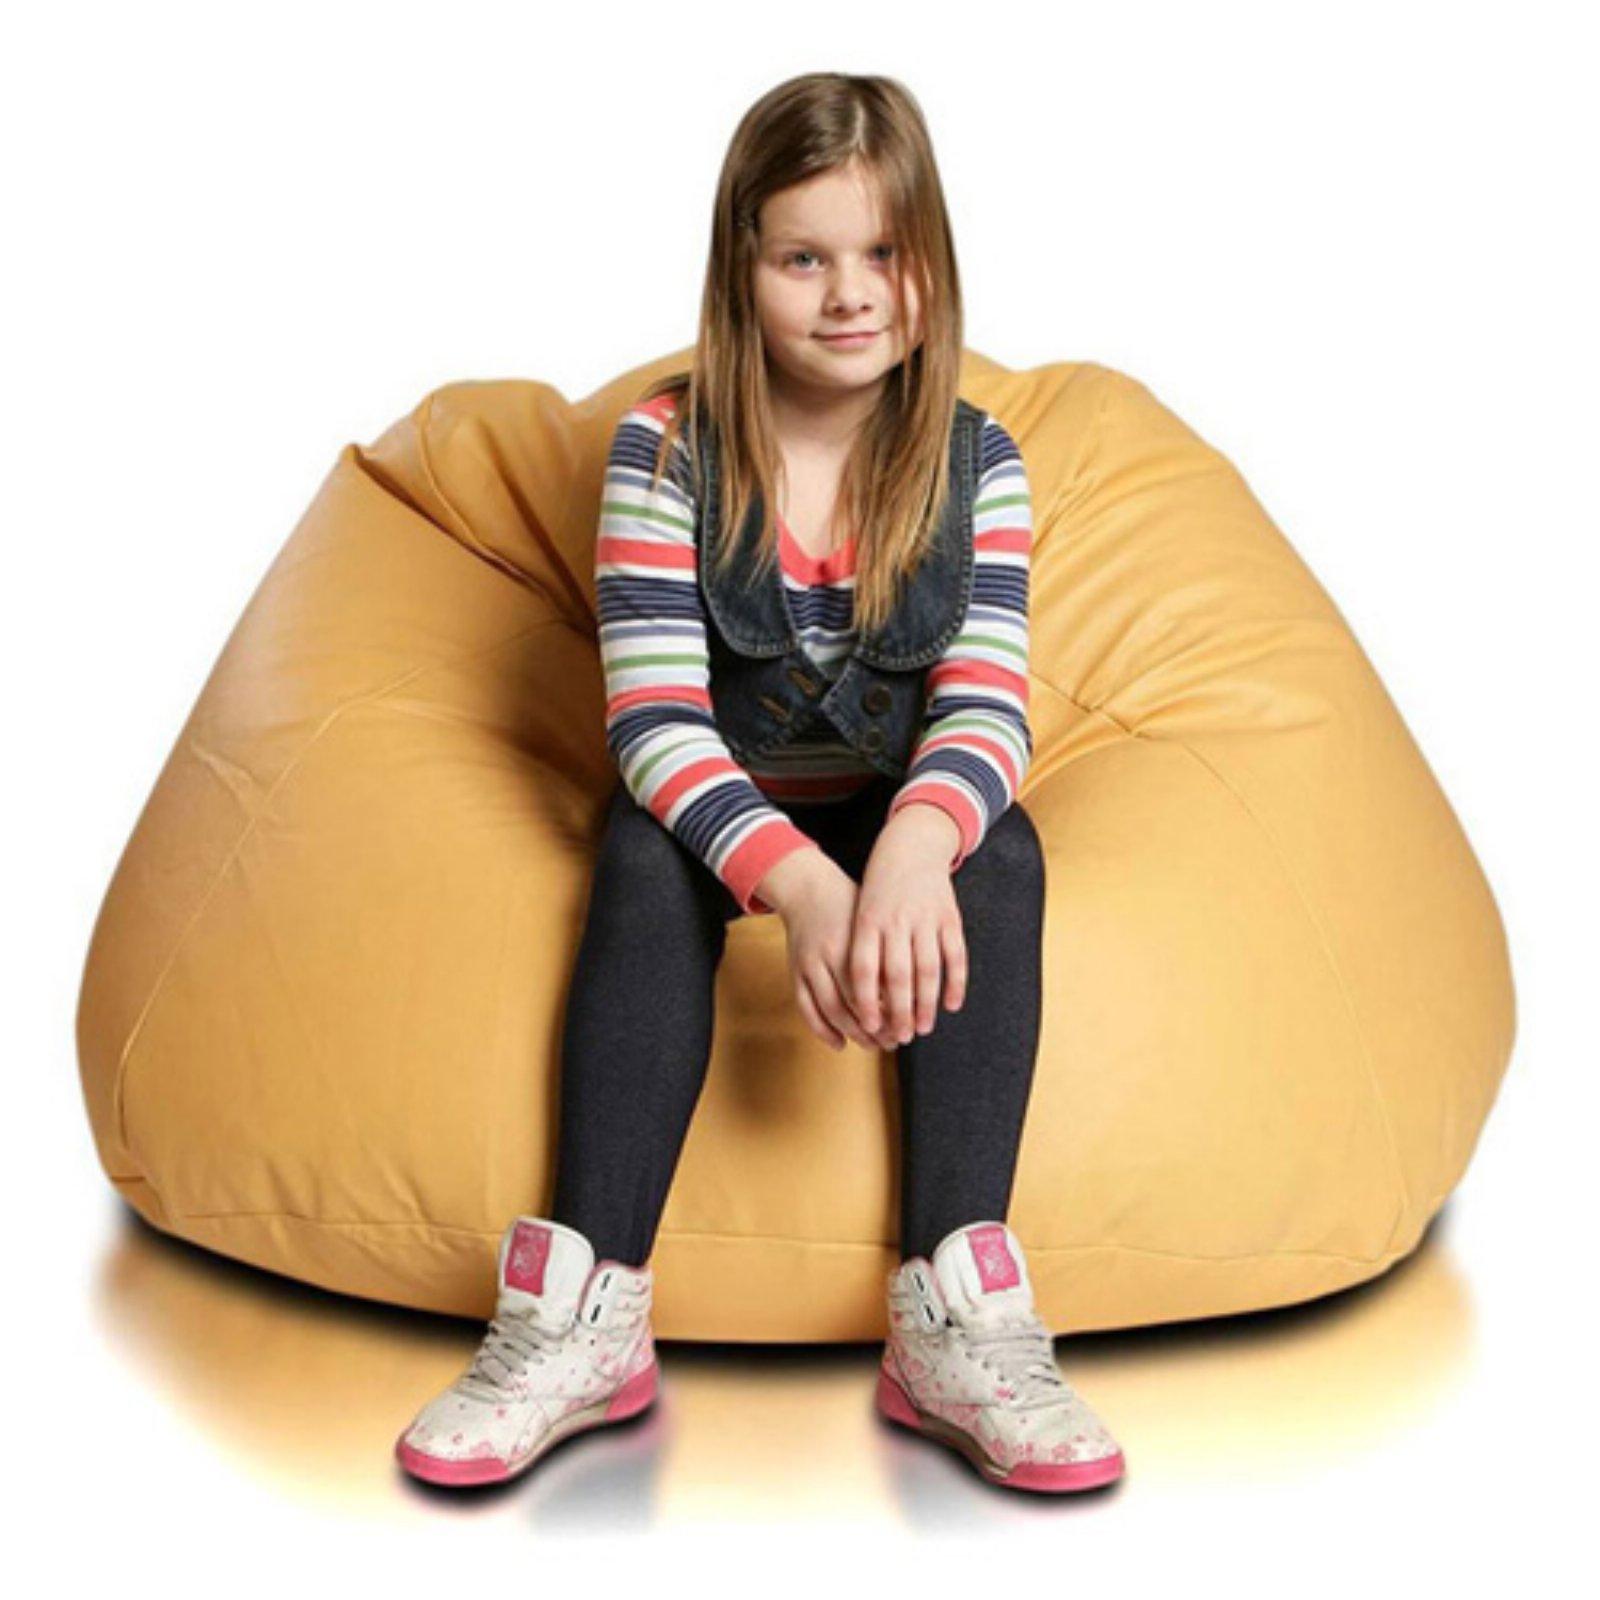 Turbo Beanbags Maxi Large Bean Bag Chair